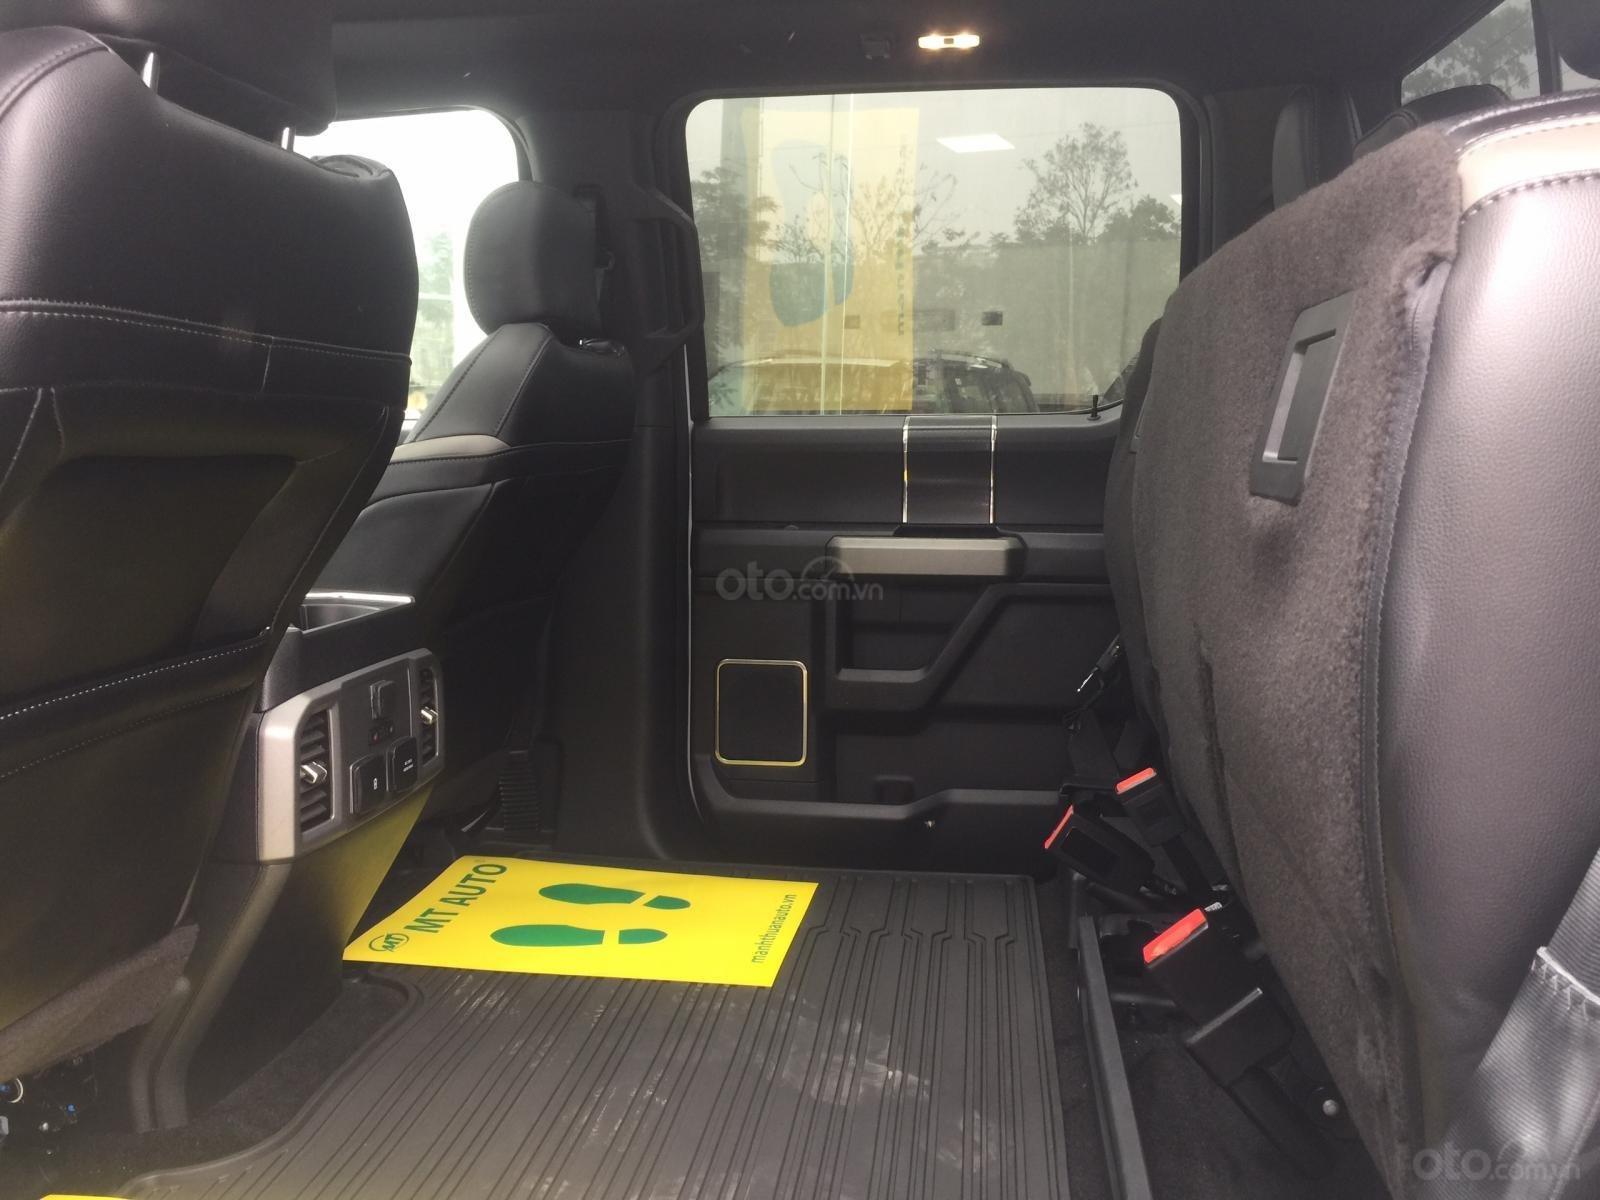 Bán siêu bán tải Ford F150 Raptor sản xuất 2020, LH Ms Hương giá tốt, giao ngay toàn quốc (18)